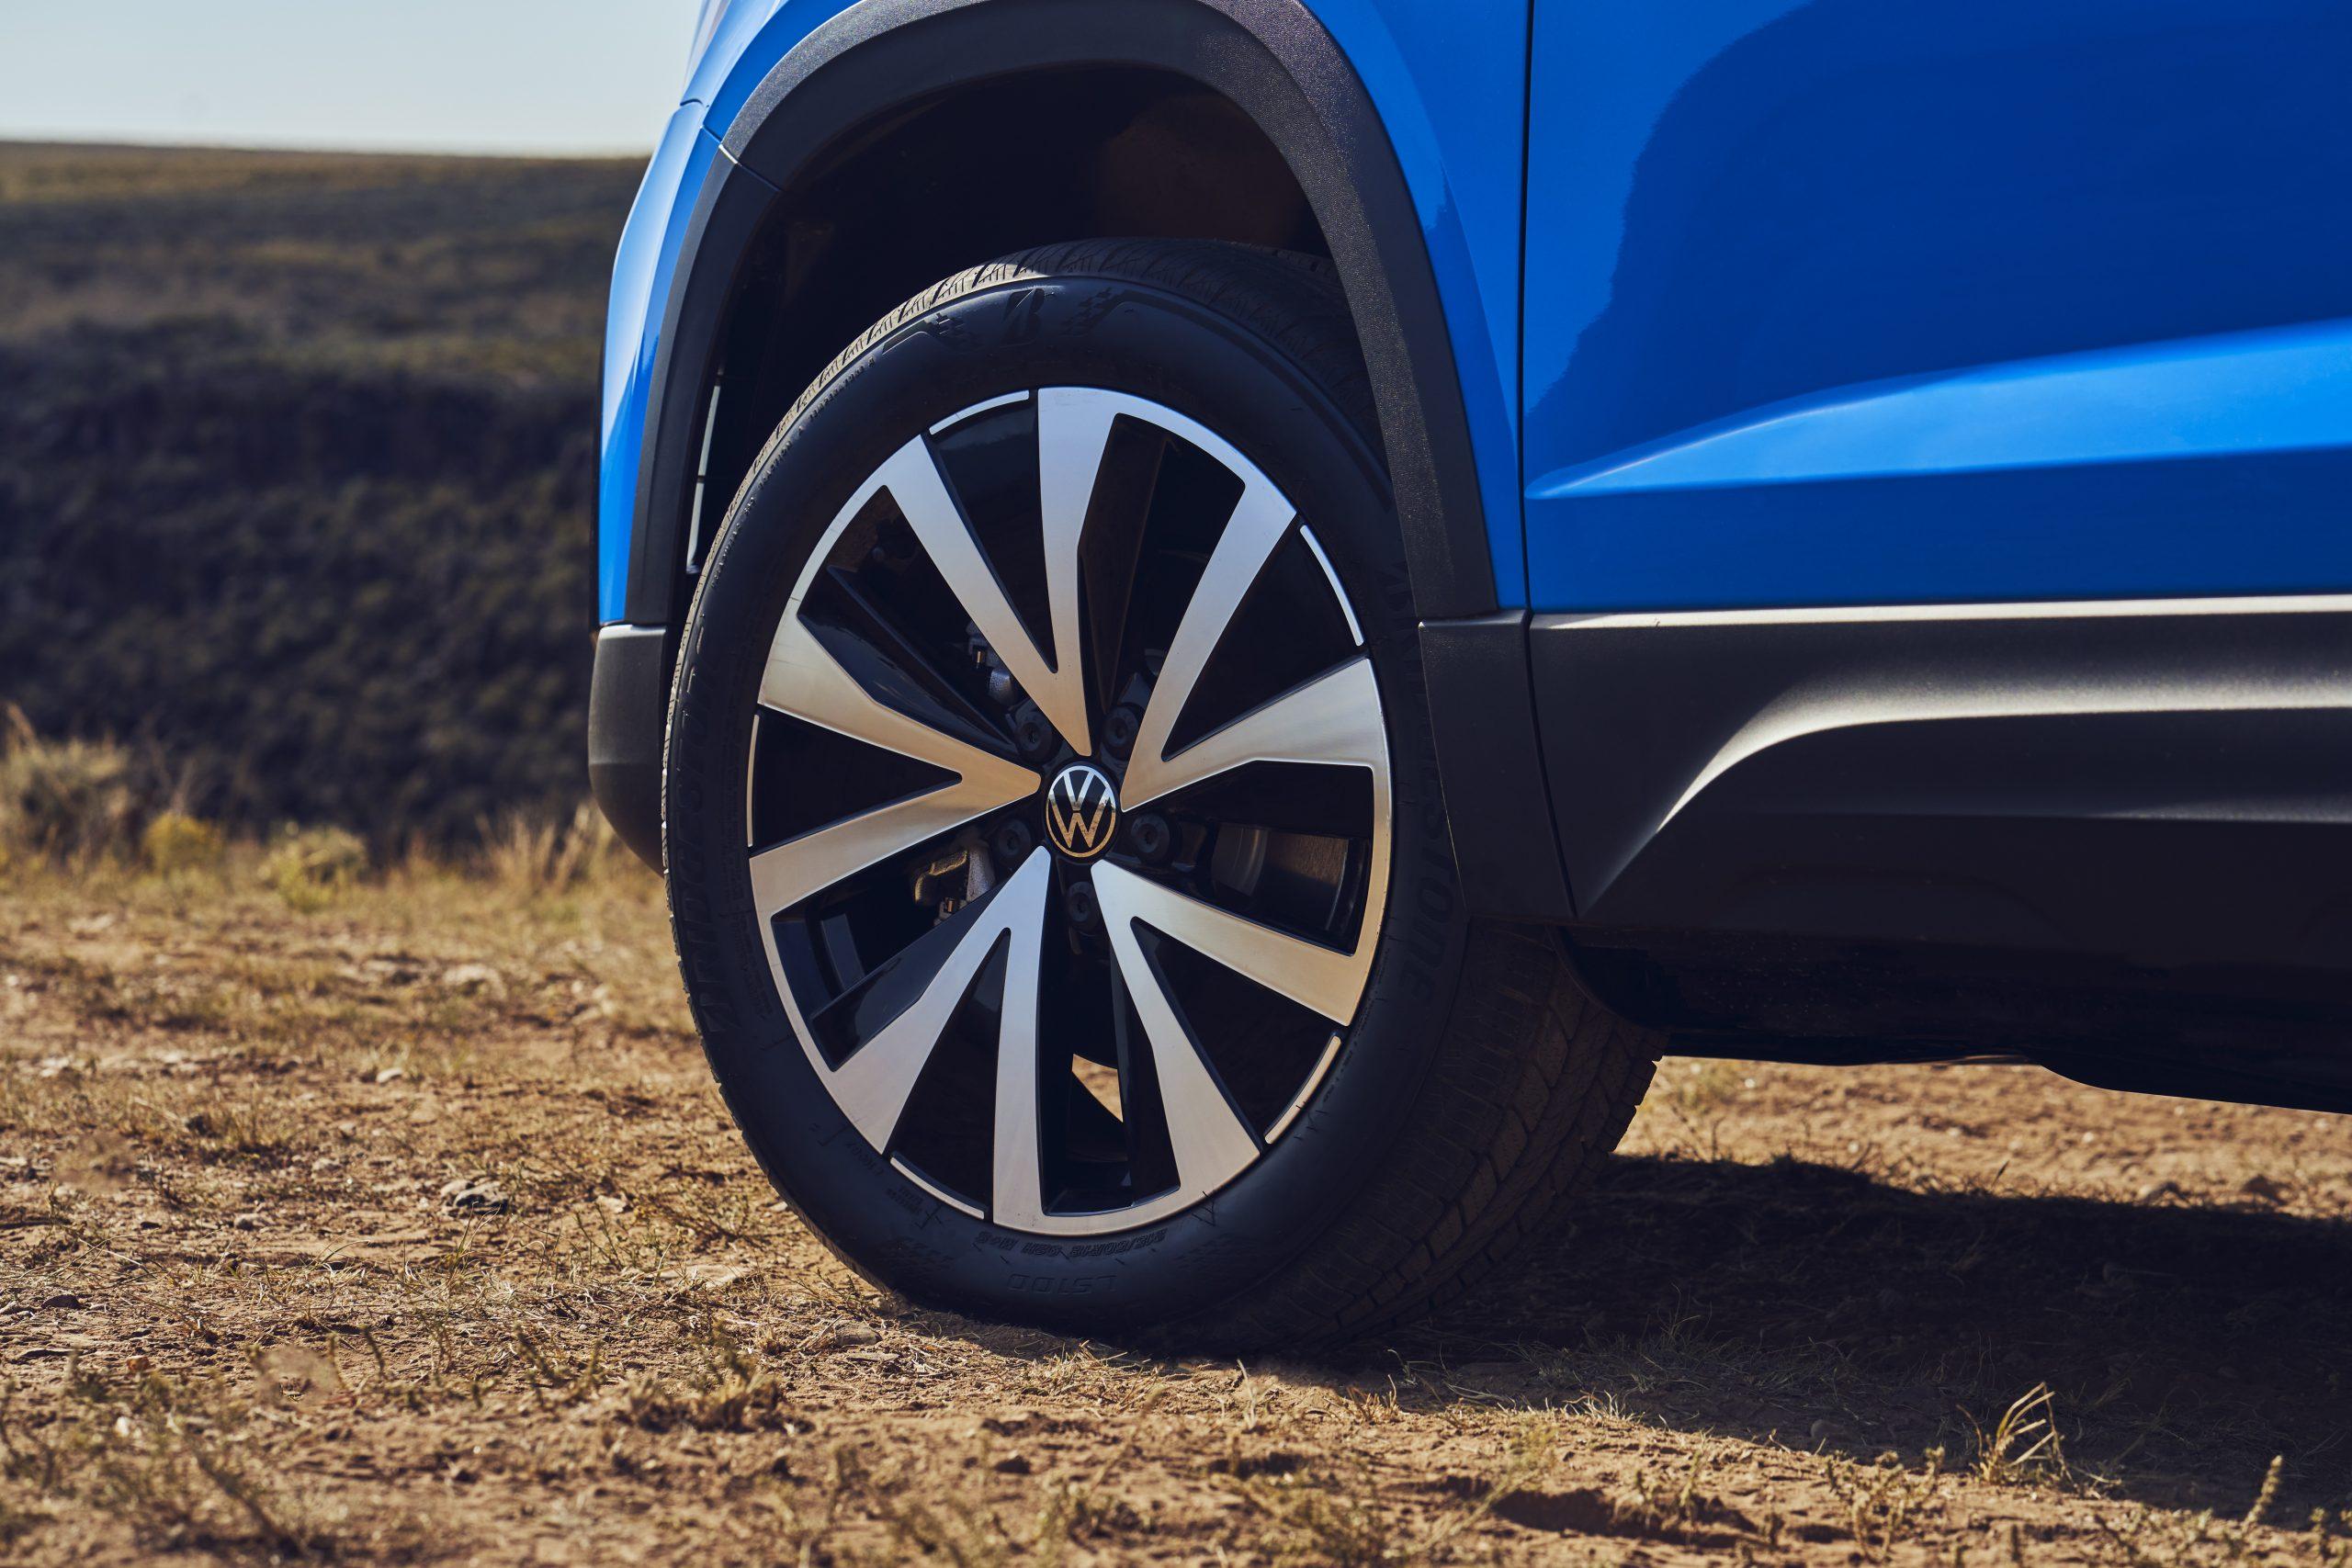 2022 Volkswagen Taos wheel